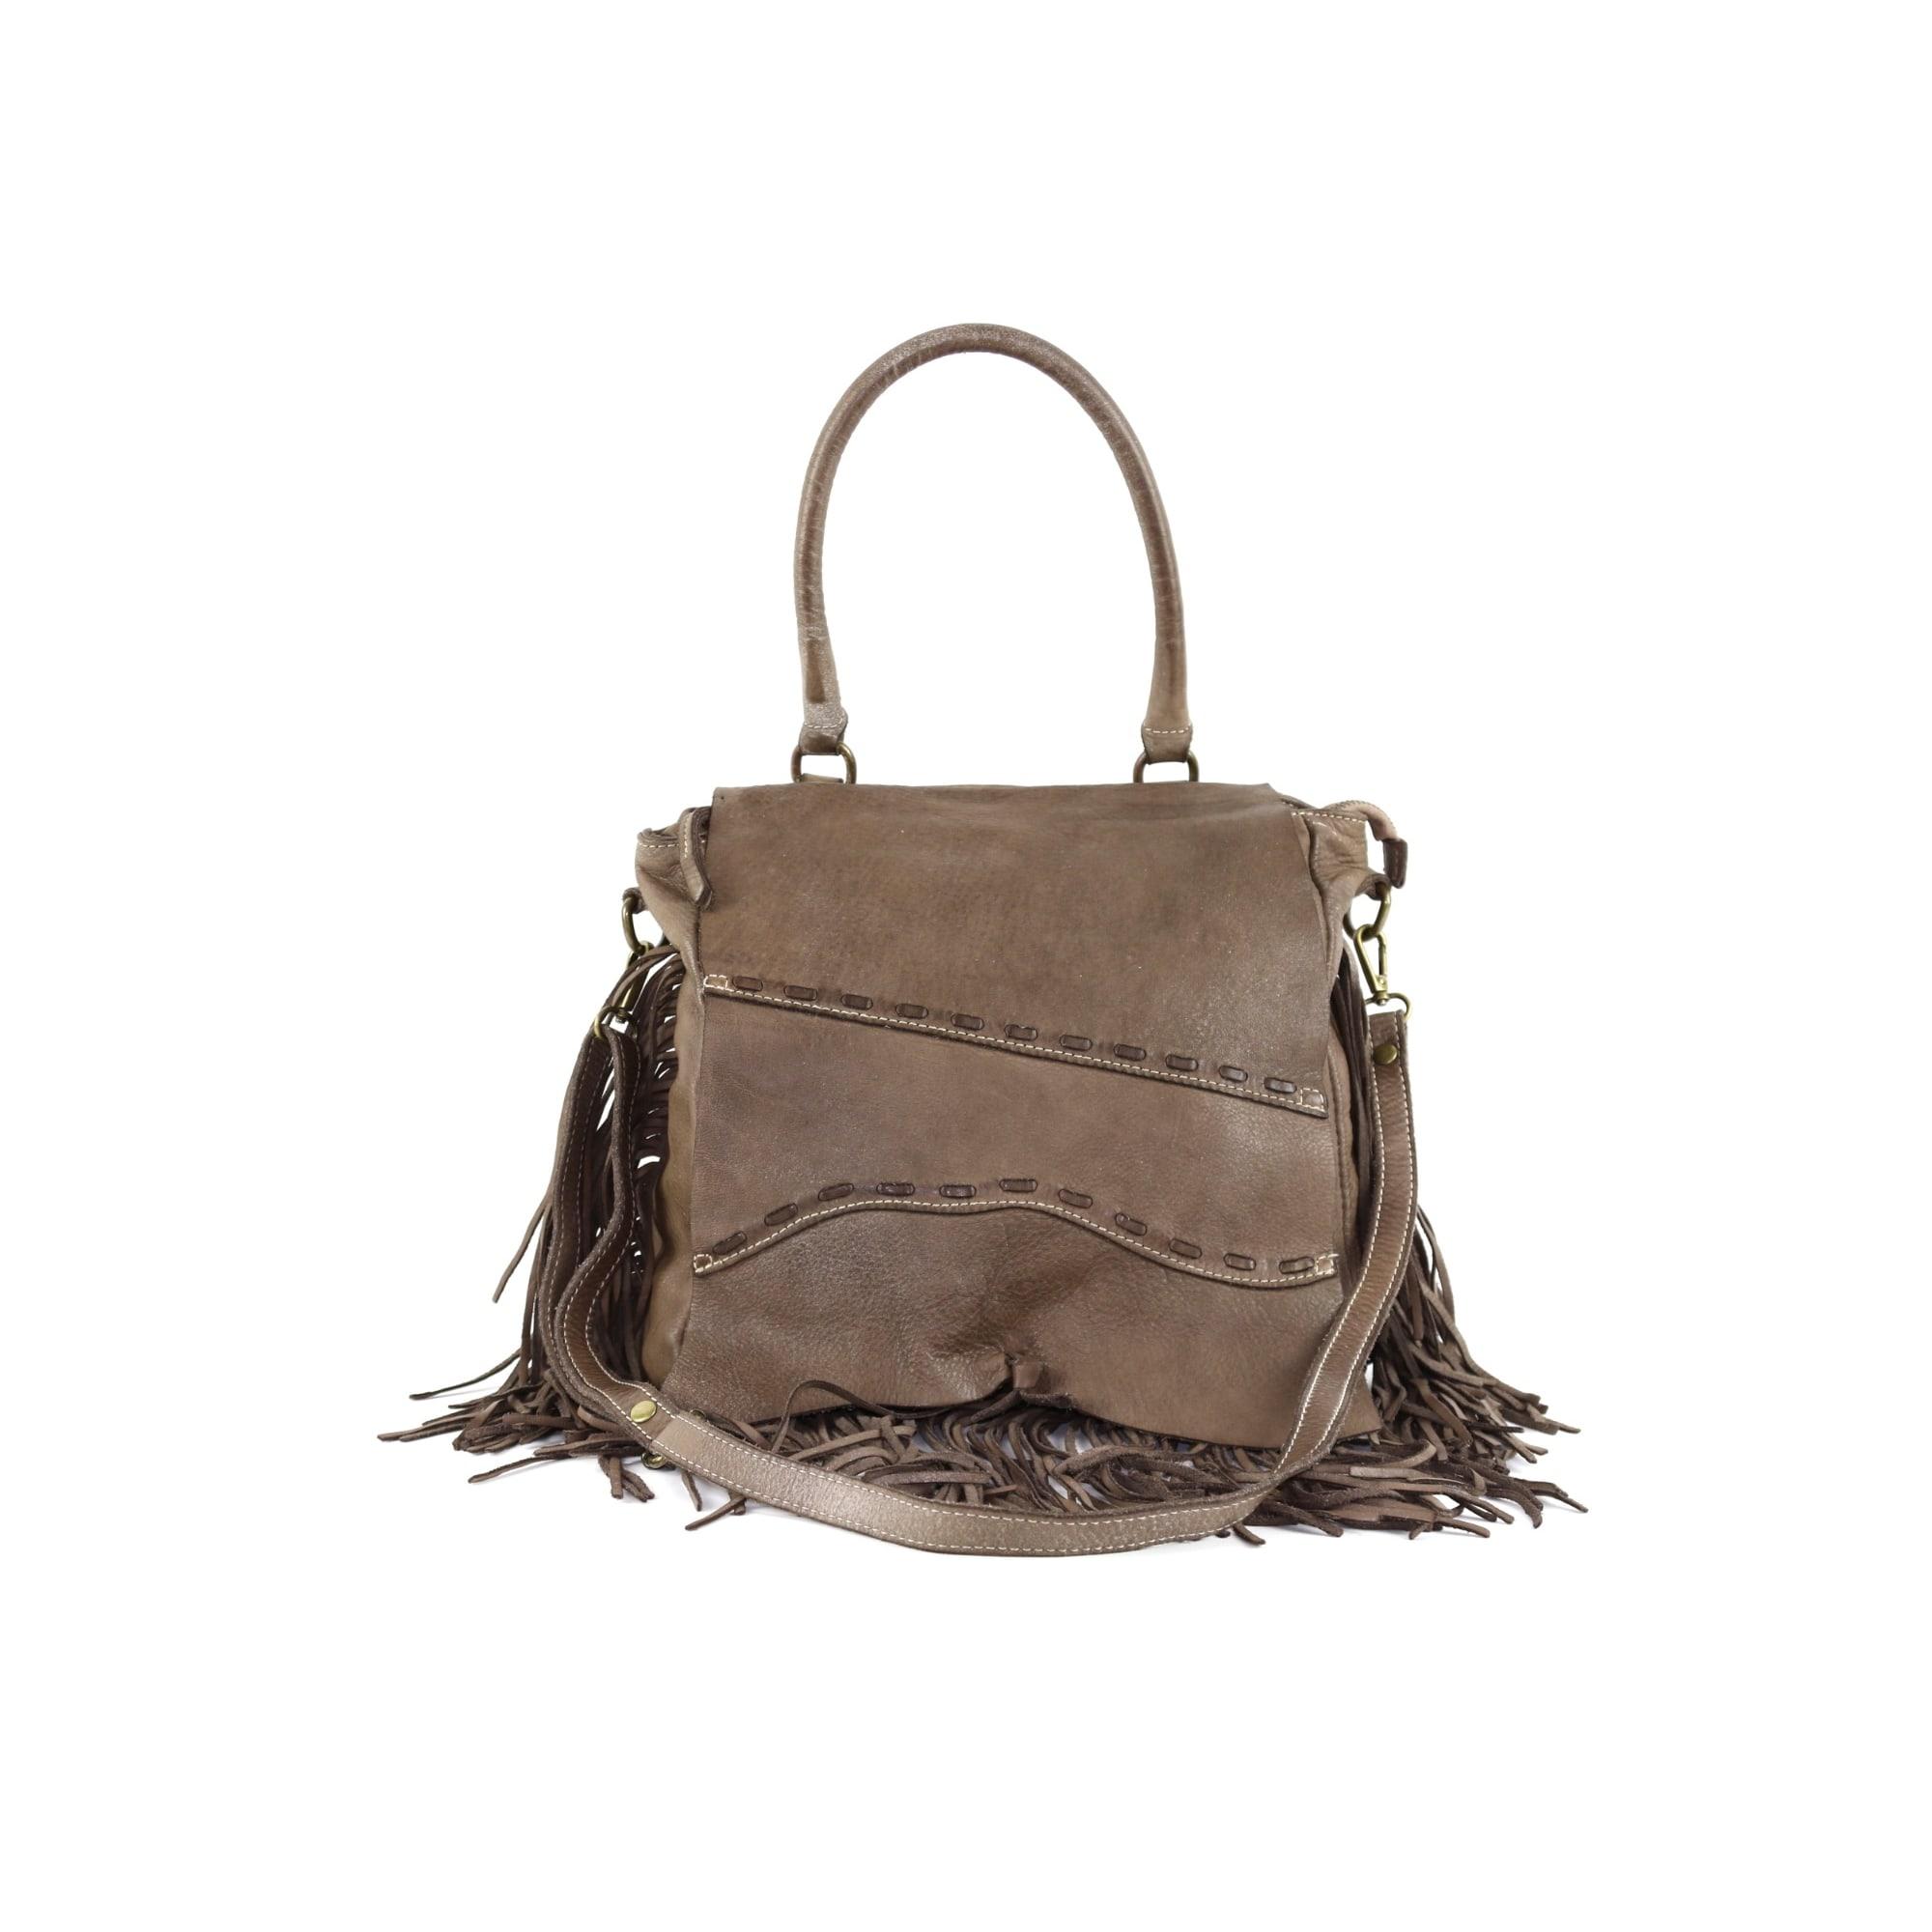 site professionnel modèles à la mode valeur formidable Sac à main en cuir MADE IN ITALIE